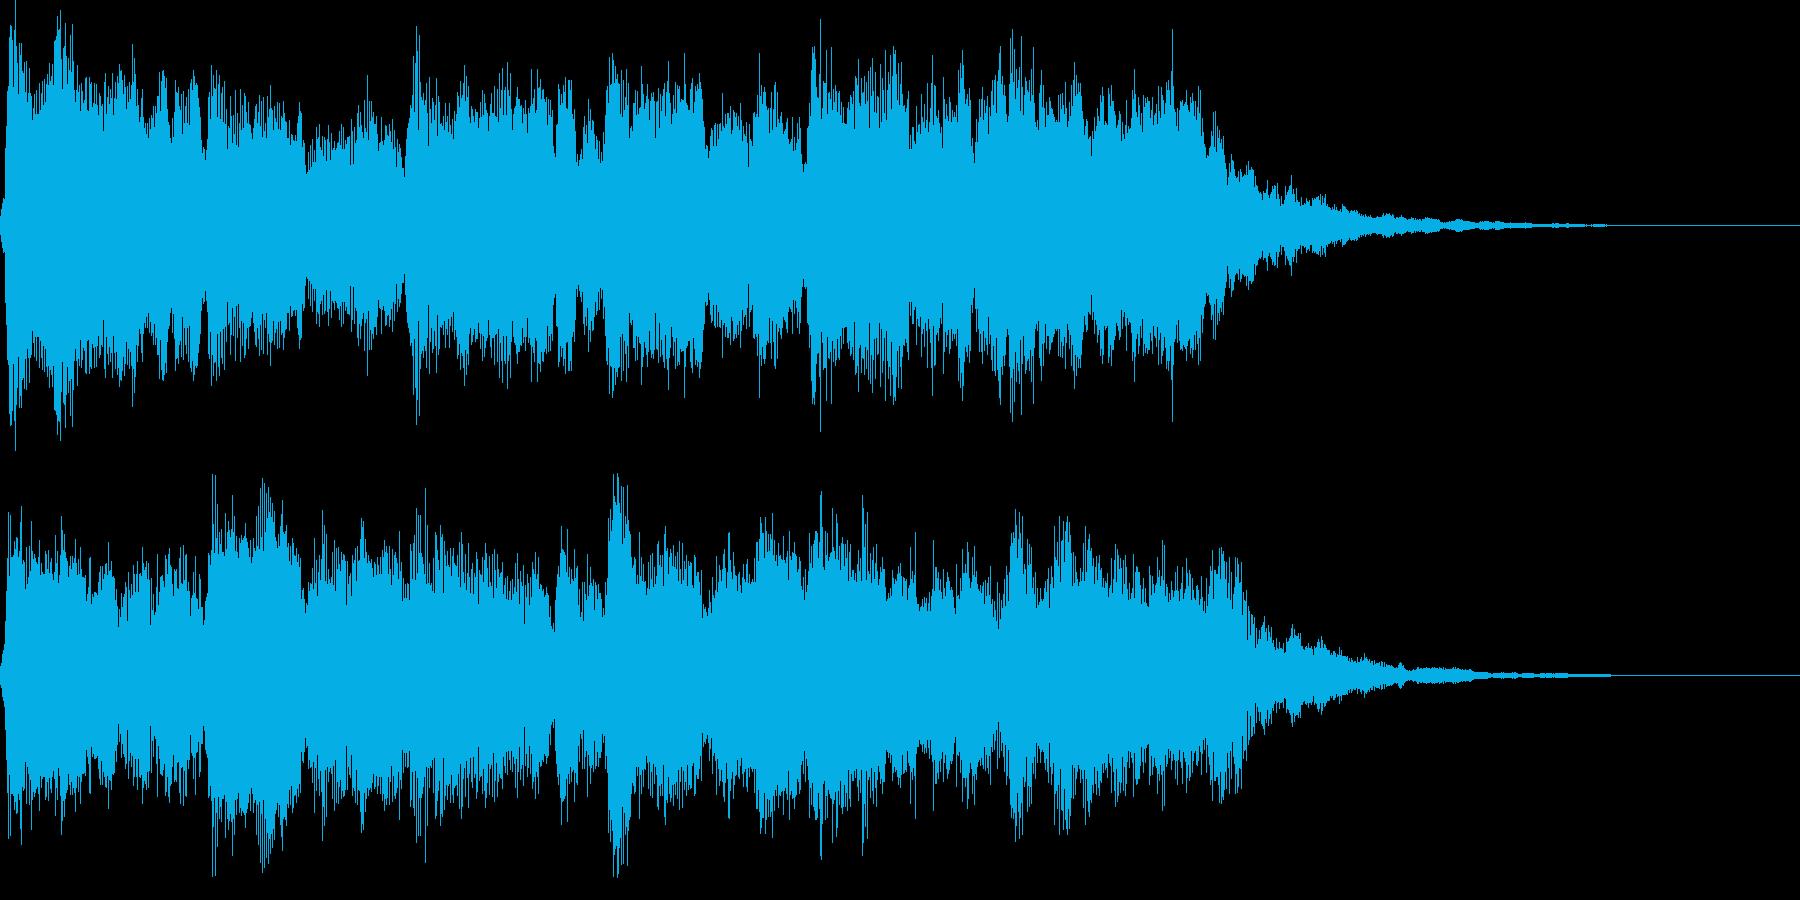 【遥かな旅】ストリングス&木管 ジングルの再生済みの波形